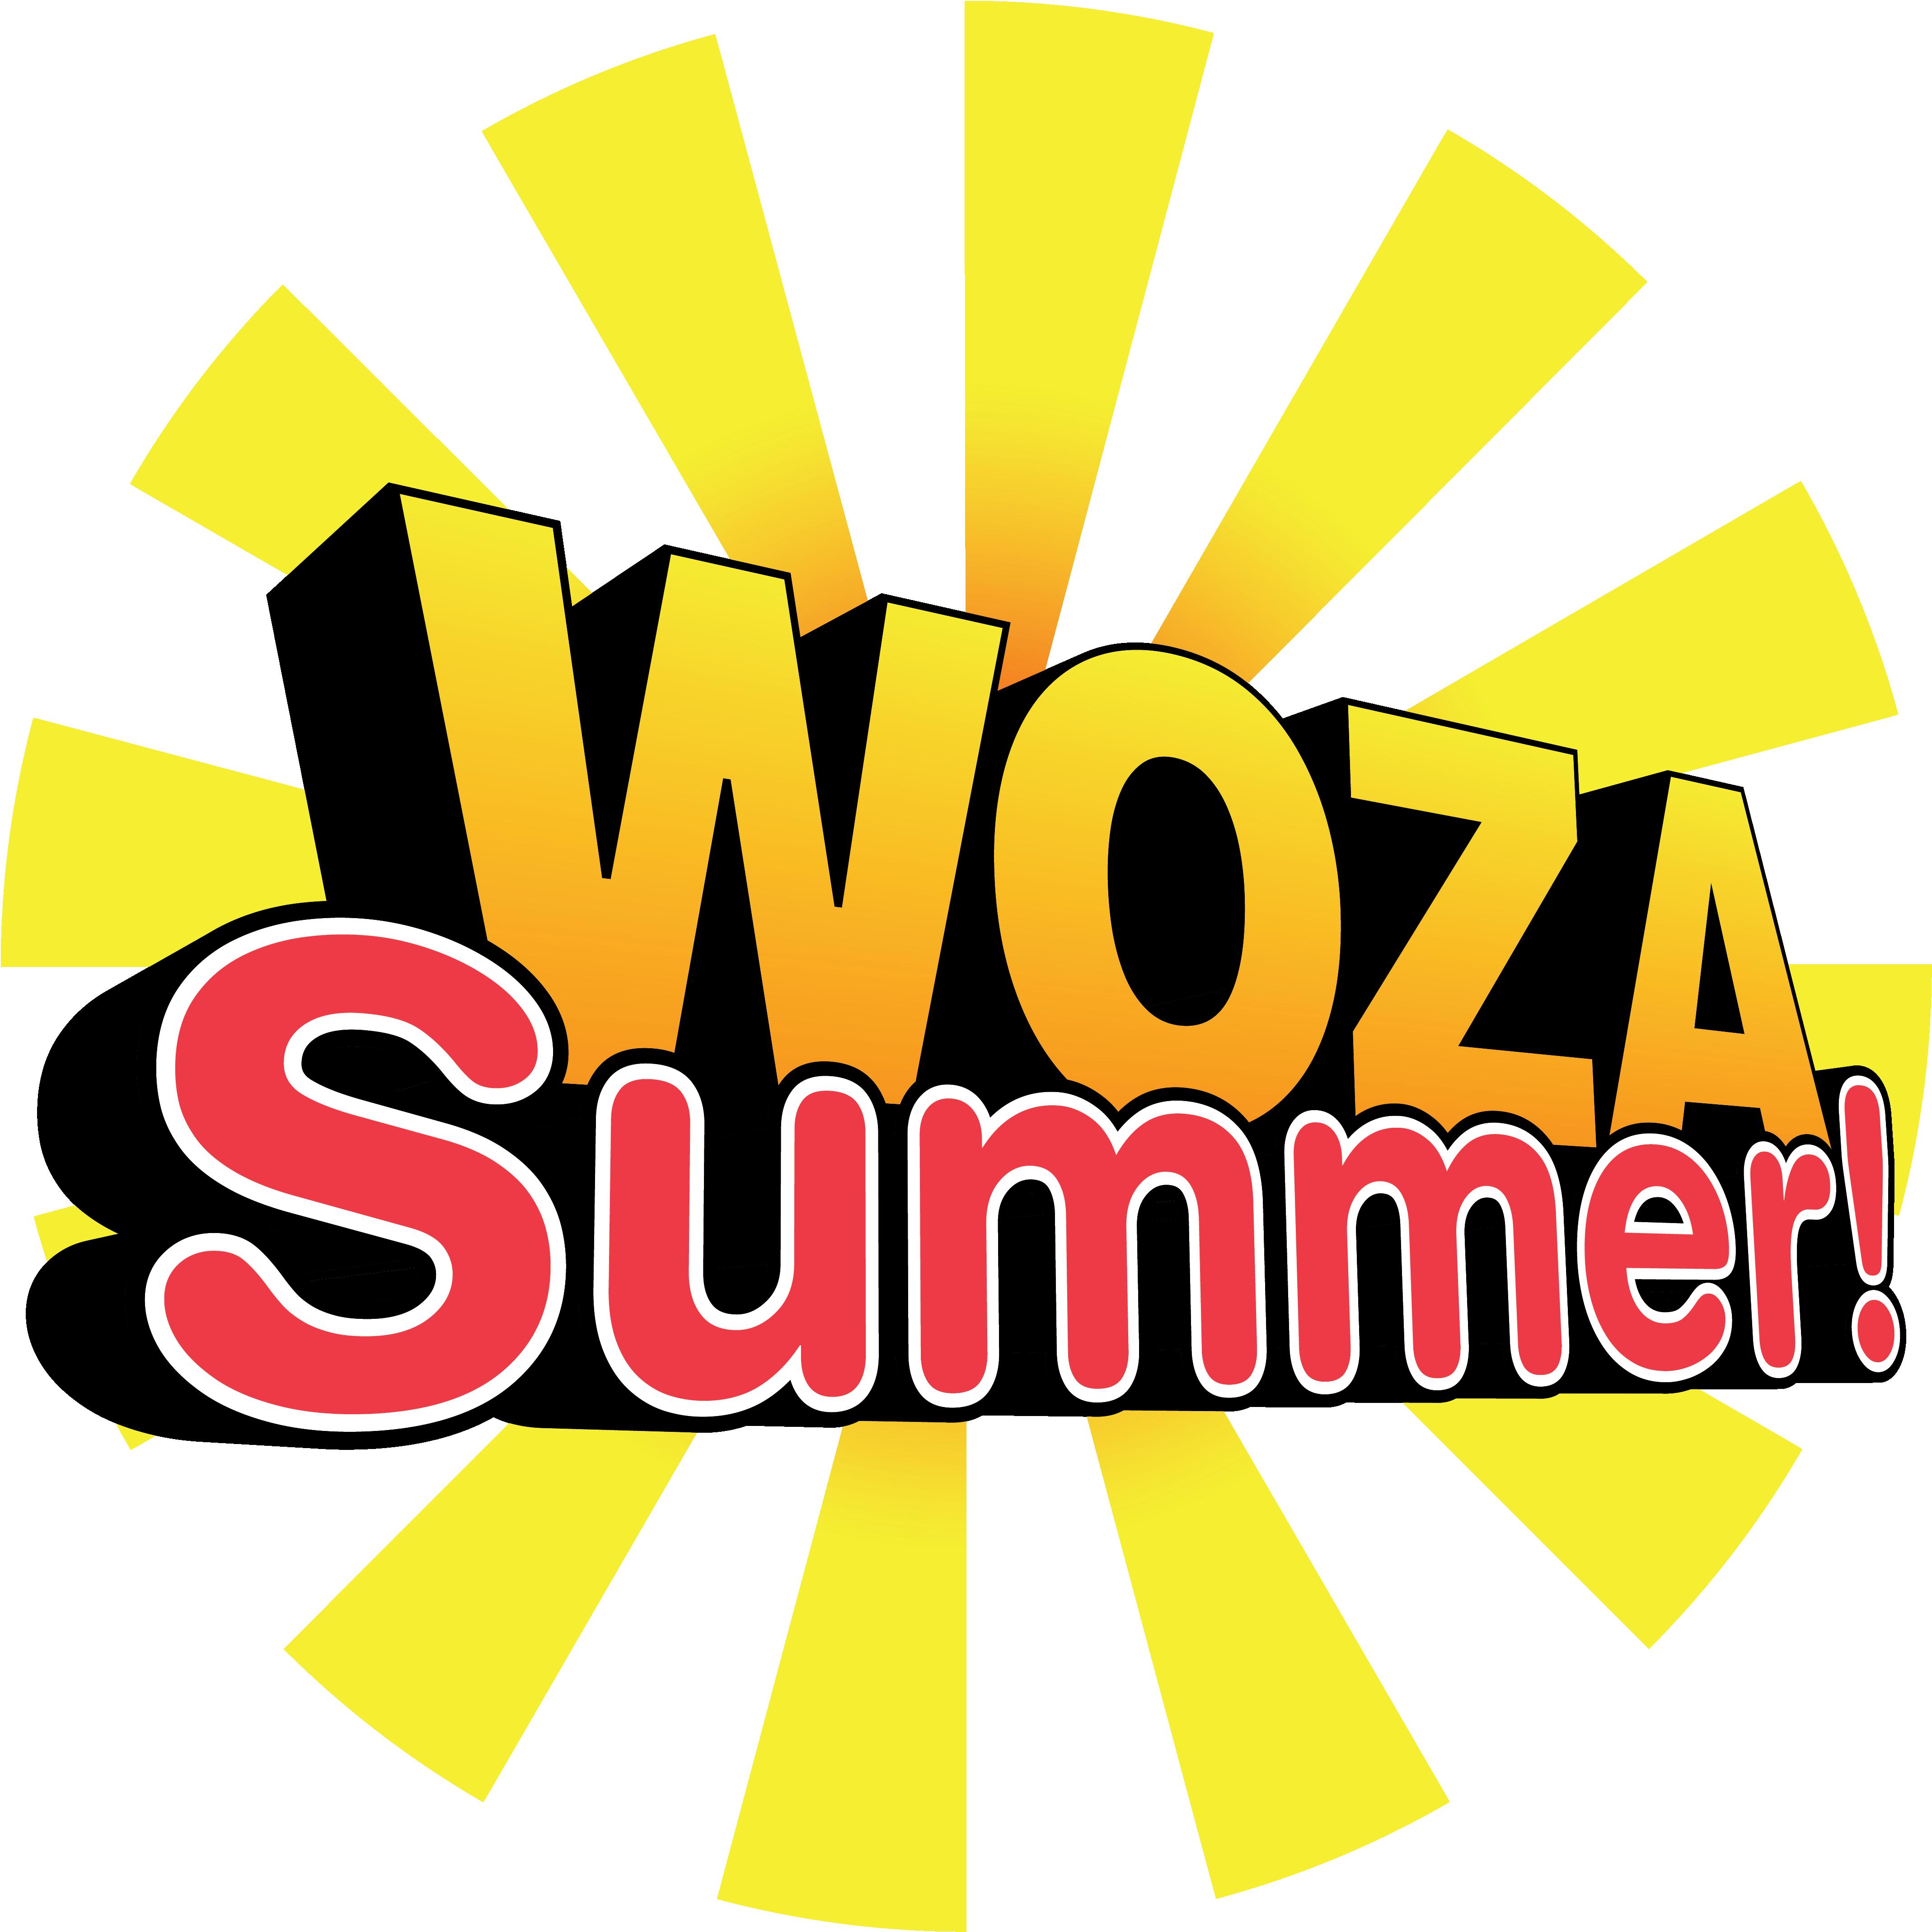 Woza Summer 2019 Logo